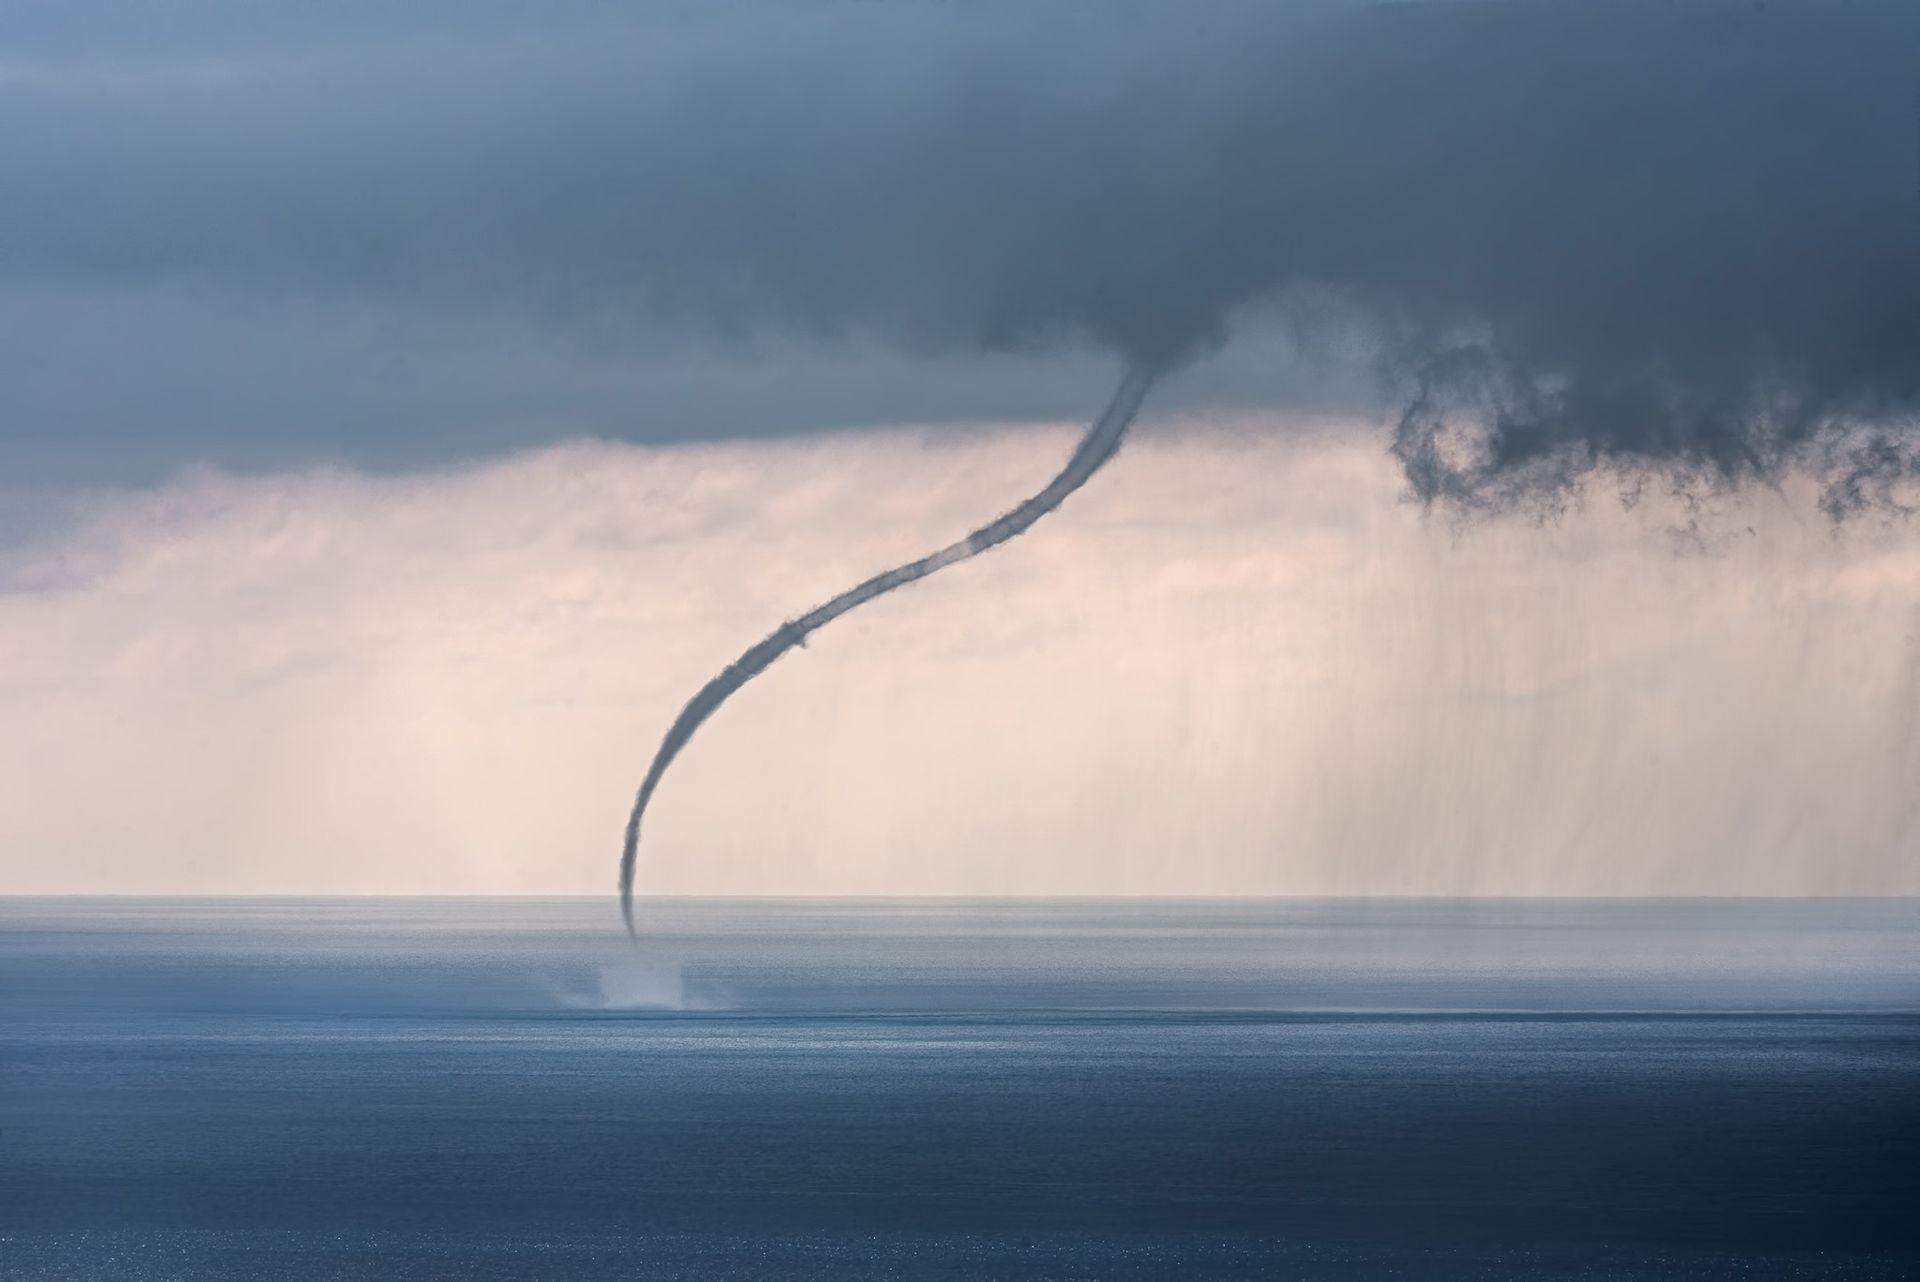 Фото — «Водяной смерч на море». Остров Лошинь, Хорватия. Автор — Sandro Puncet.